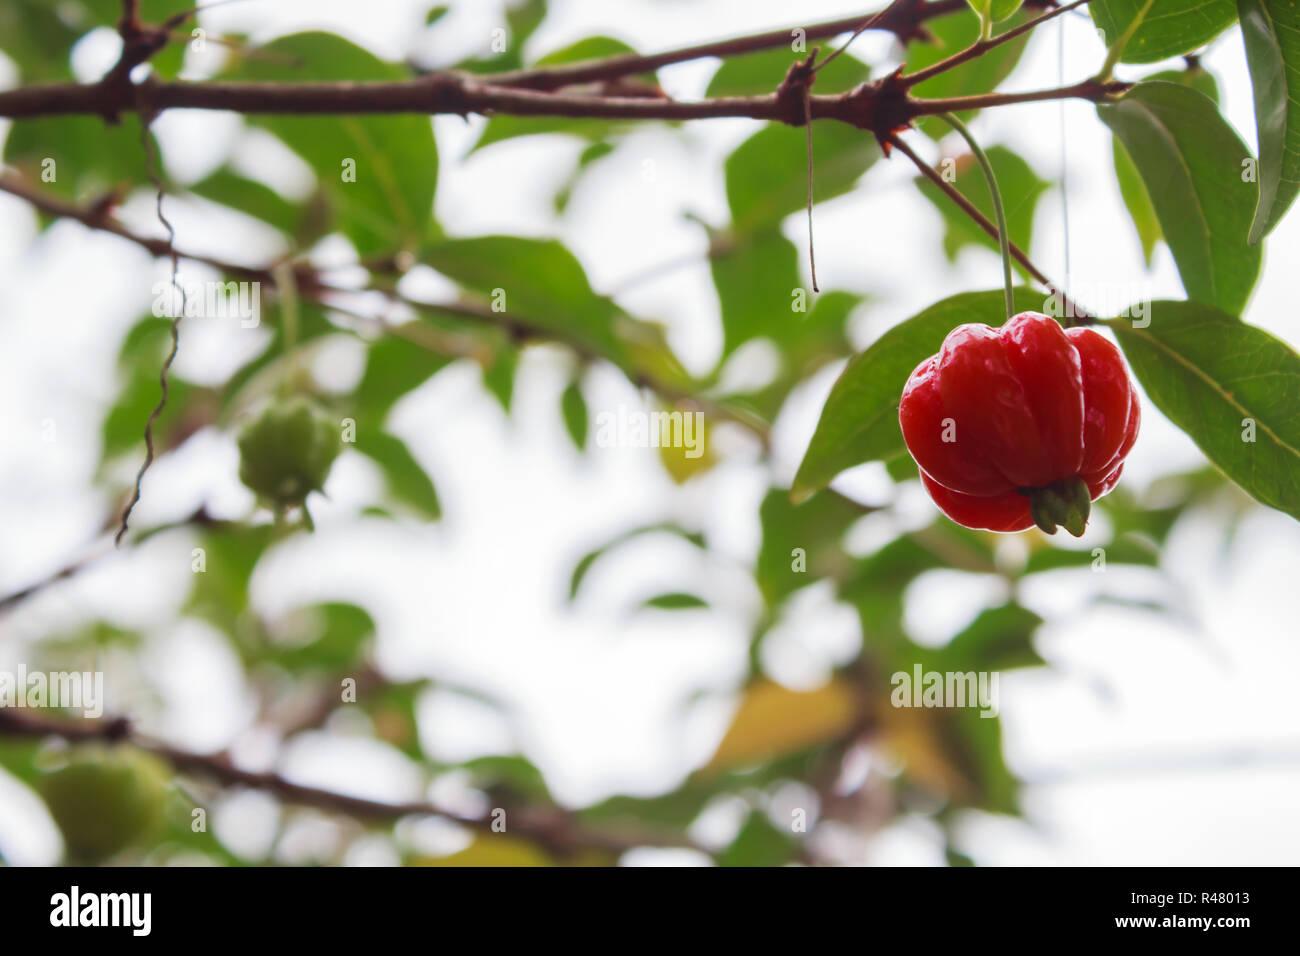 Orgánicos frescos en el árbol de cerezas acerola, alto contenido de vitamina C y frutas antioxidantes Imagen De Stock